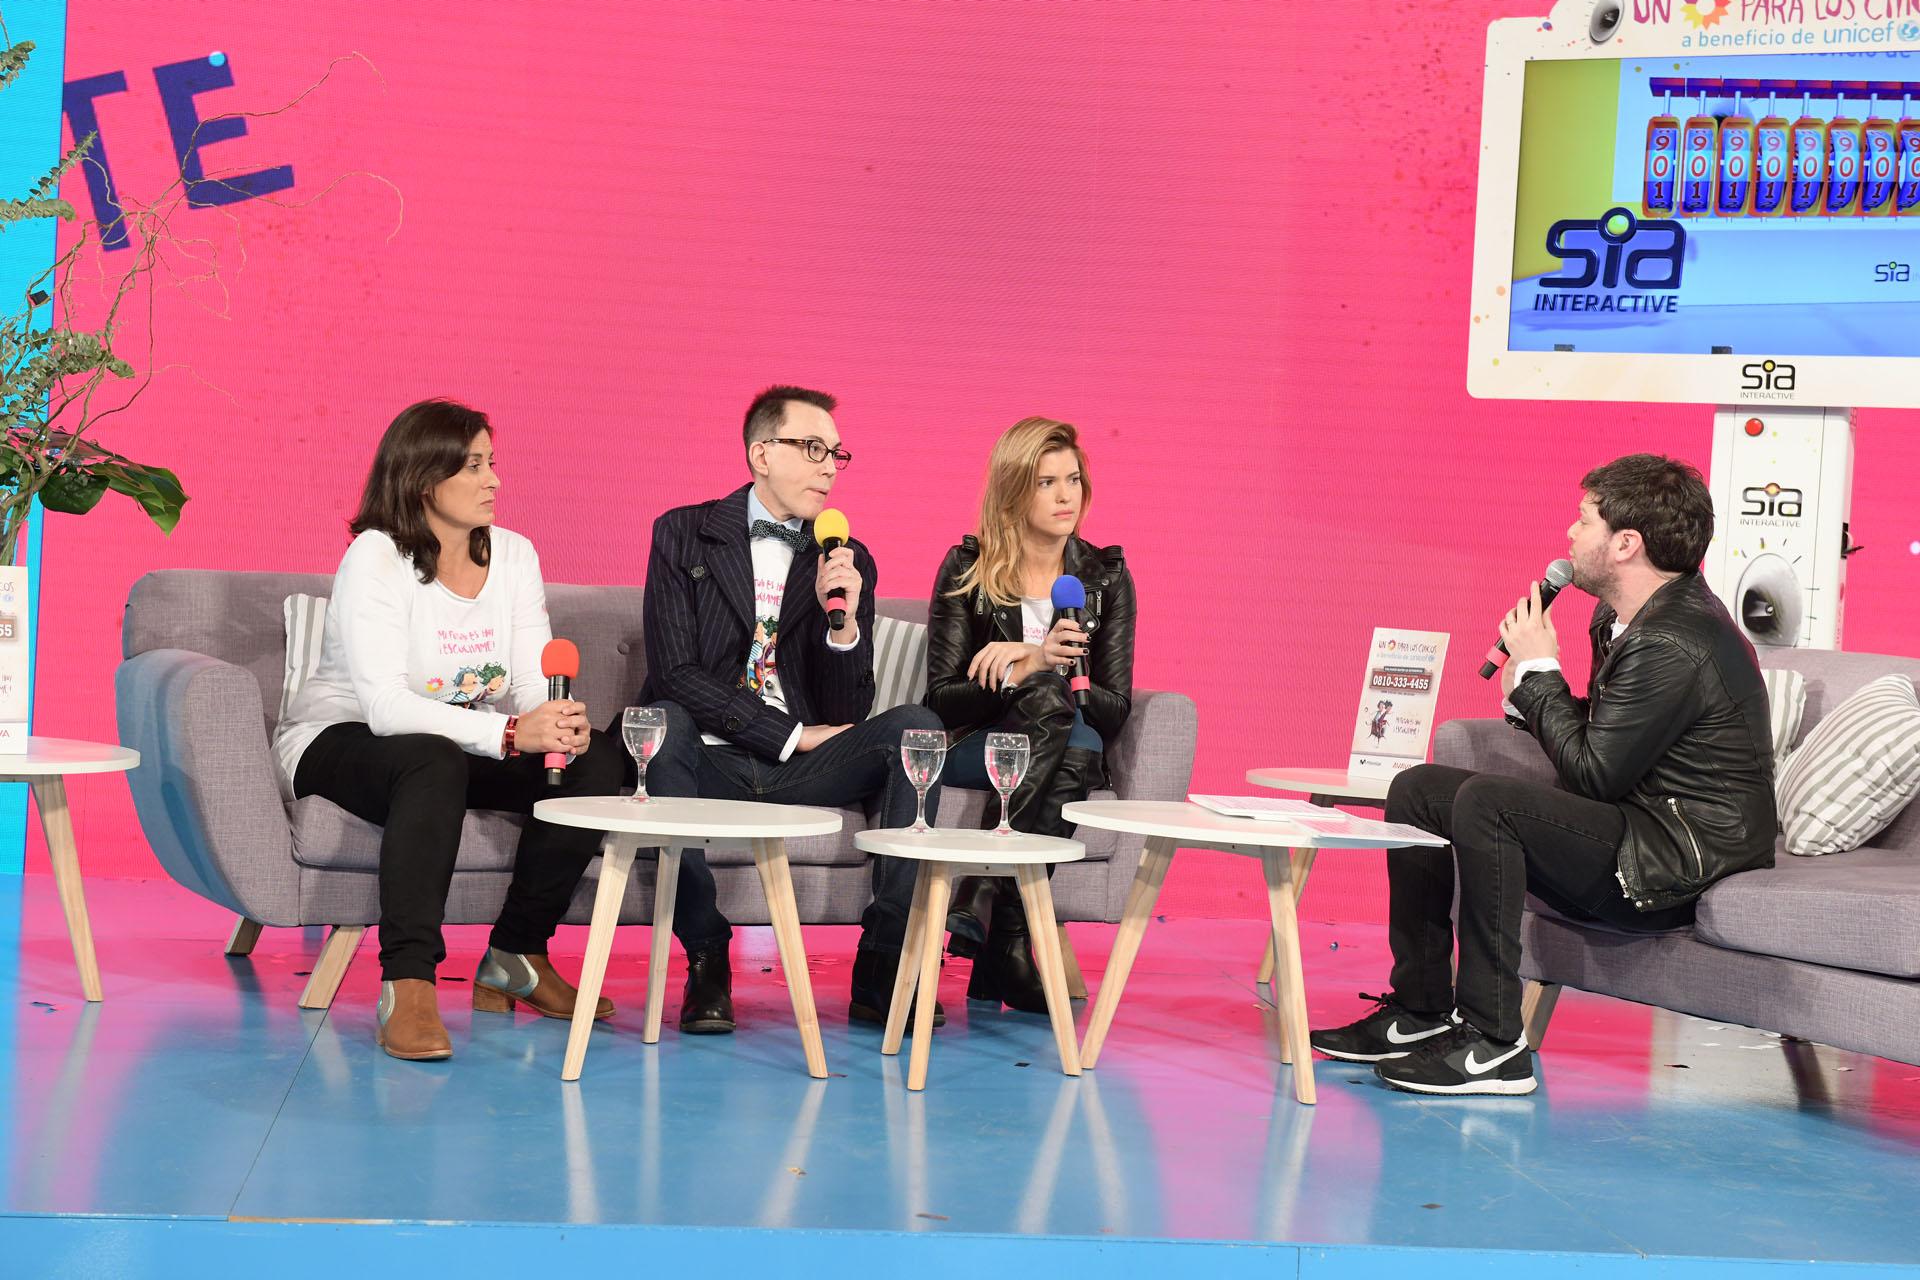 María del Cerro y Marcelo Polino también estuvieron presentes